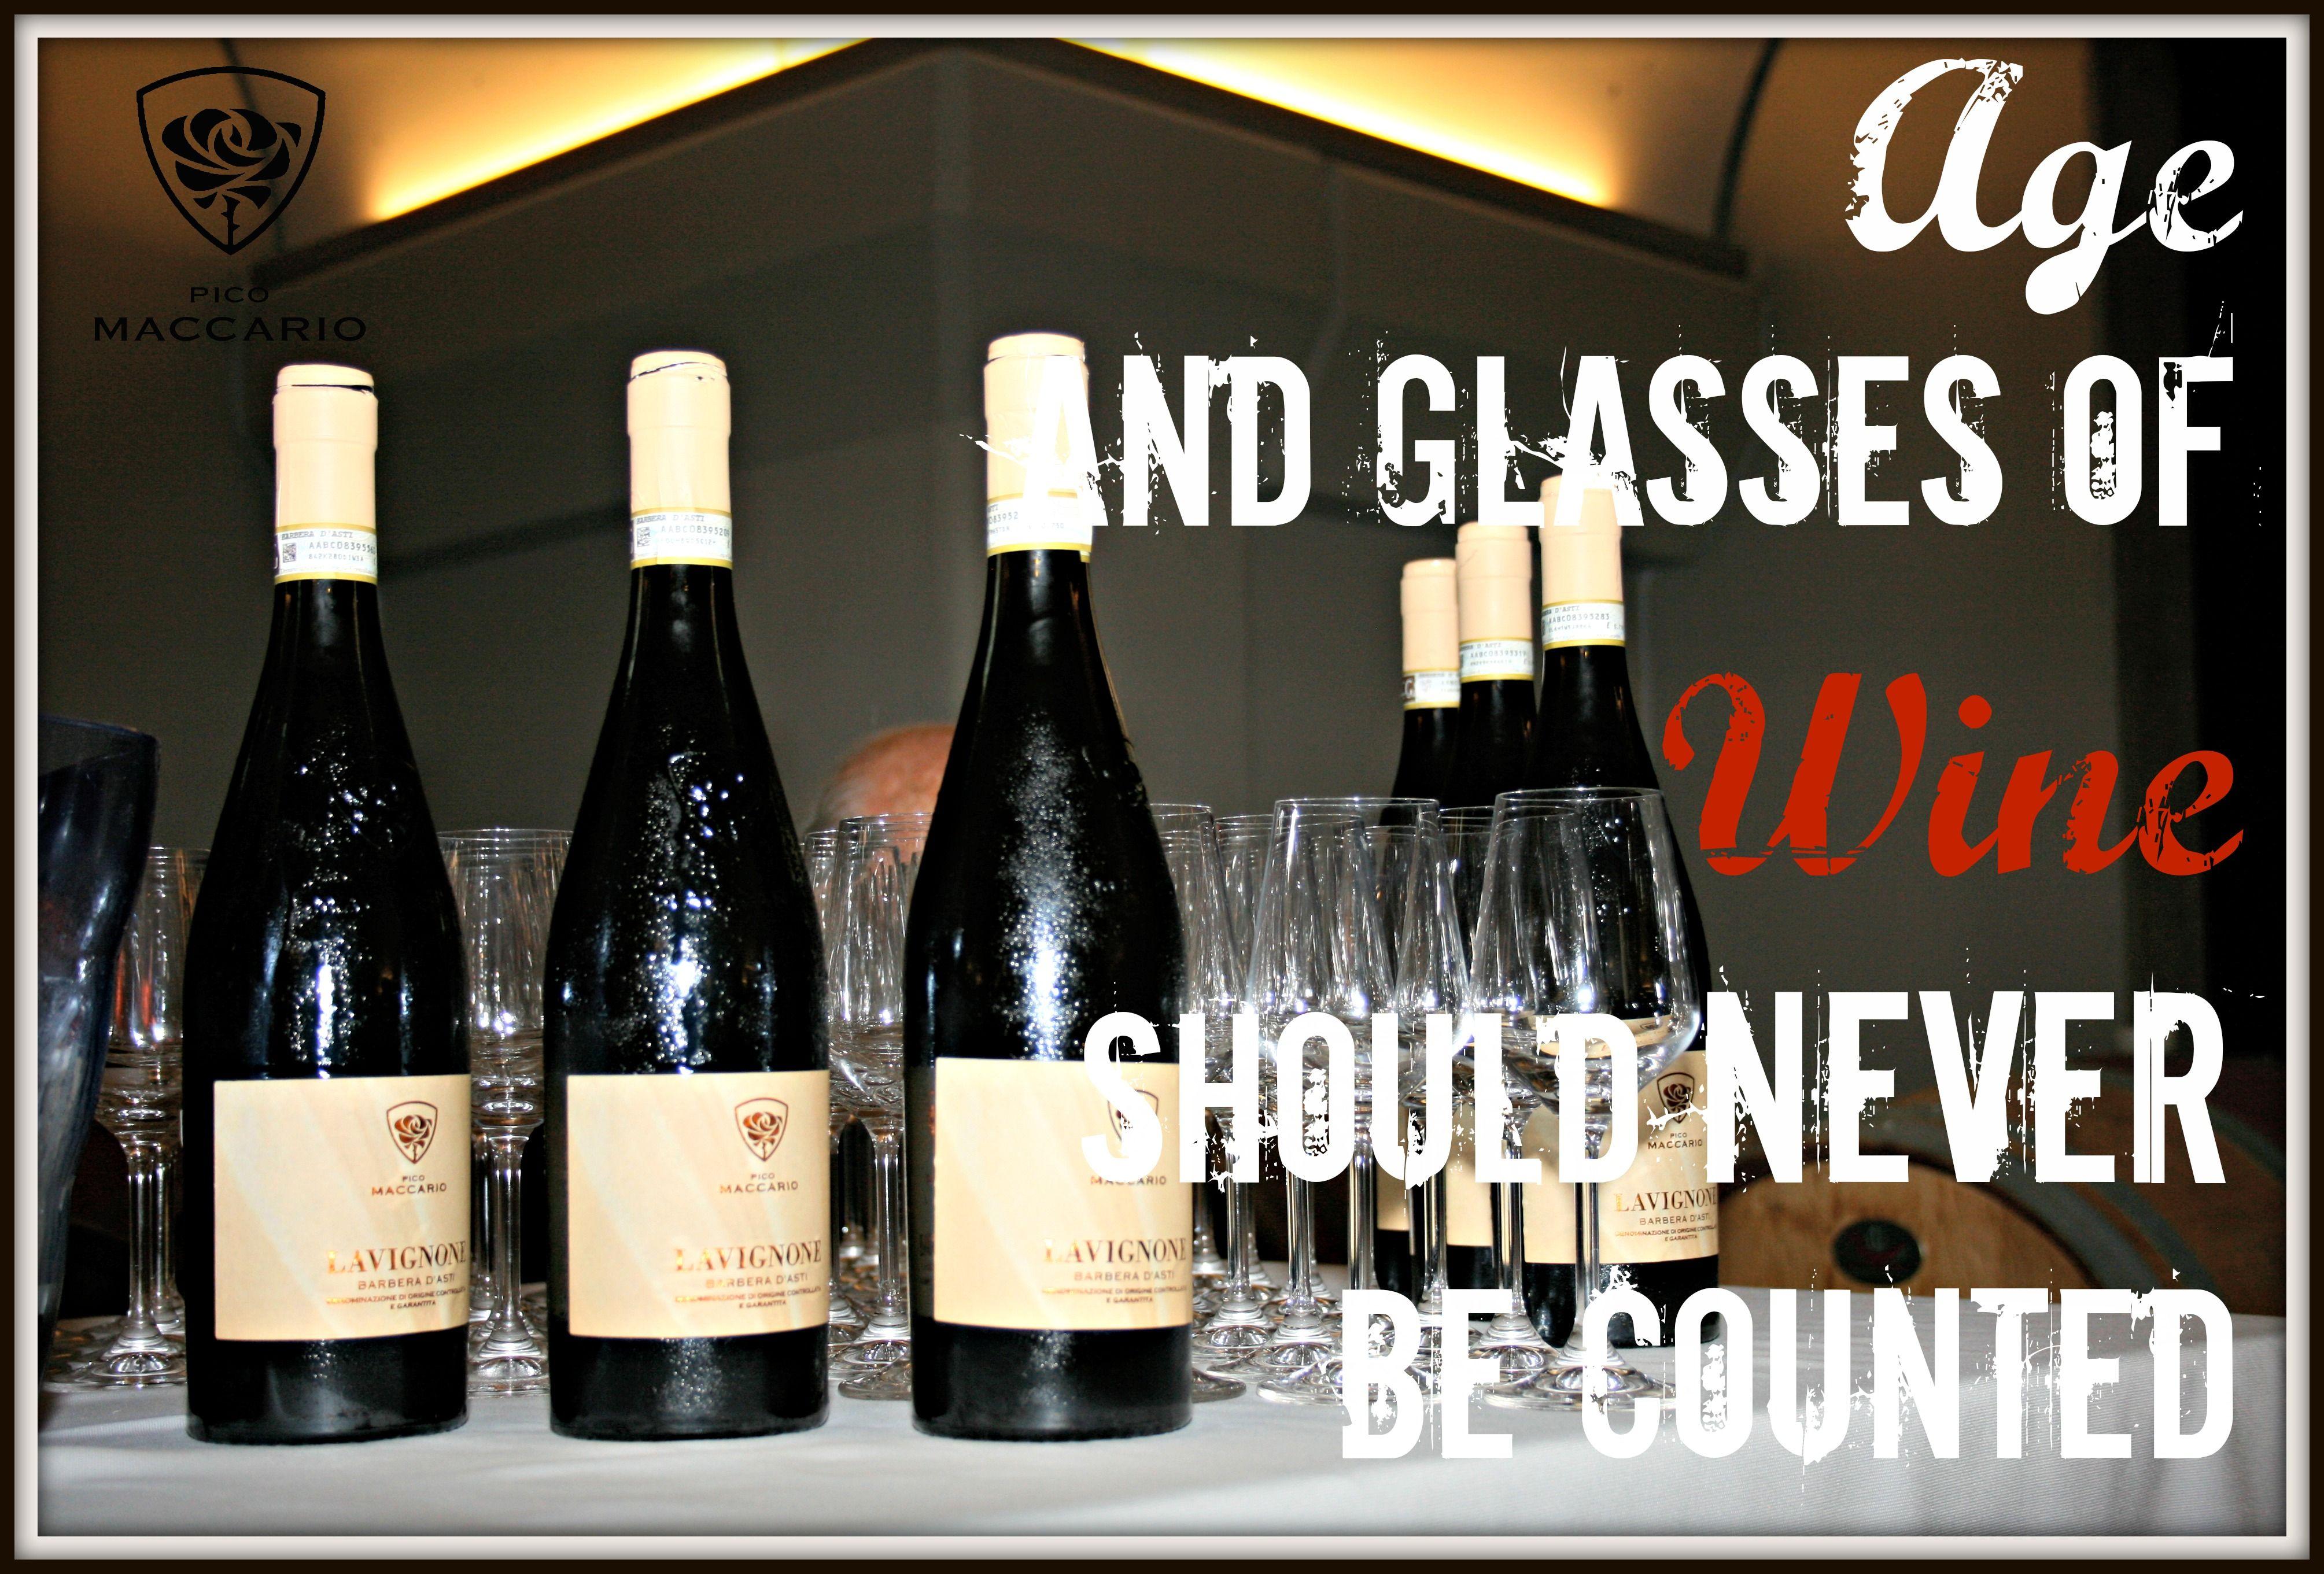 #PicoMaccario #wine #quotes #barbera #lavignone